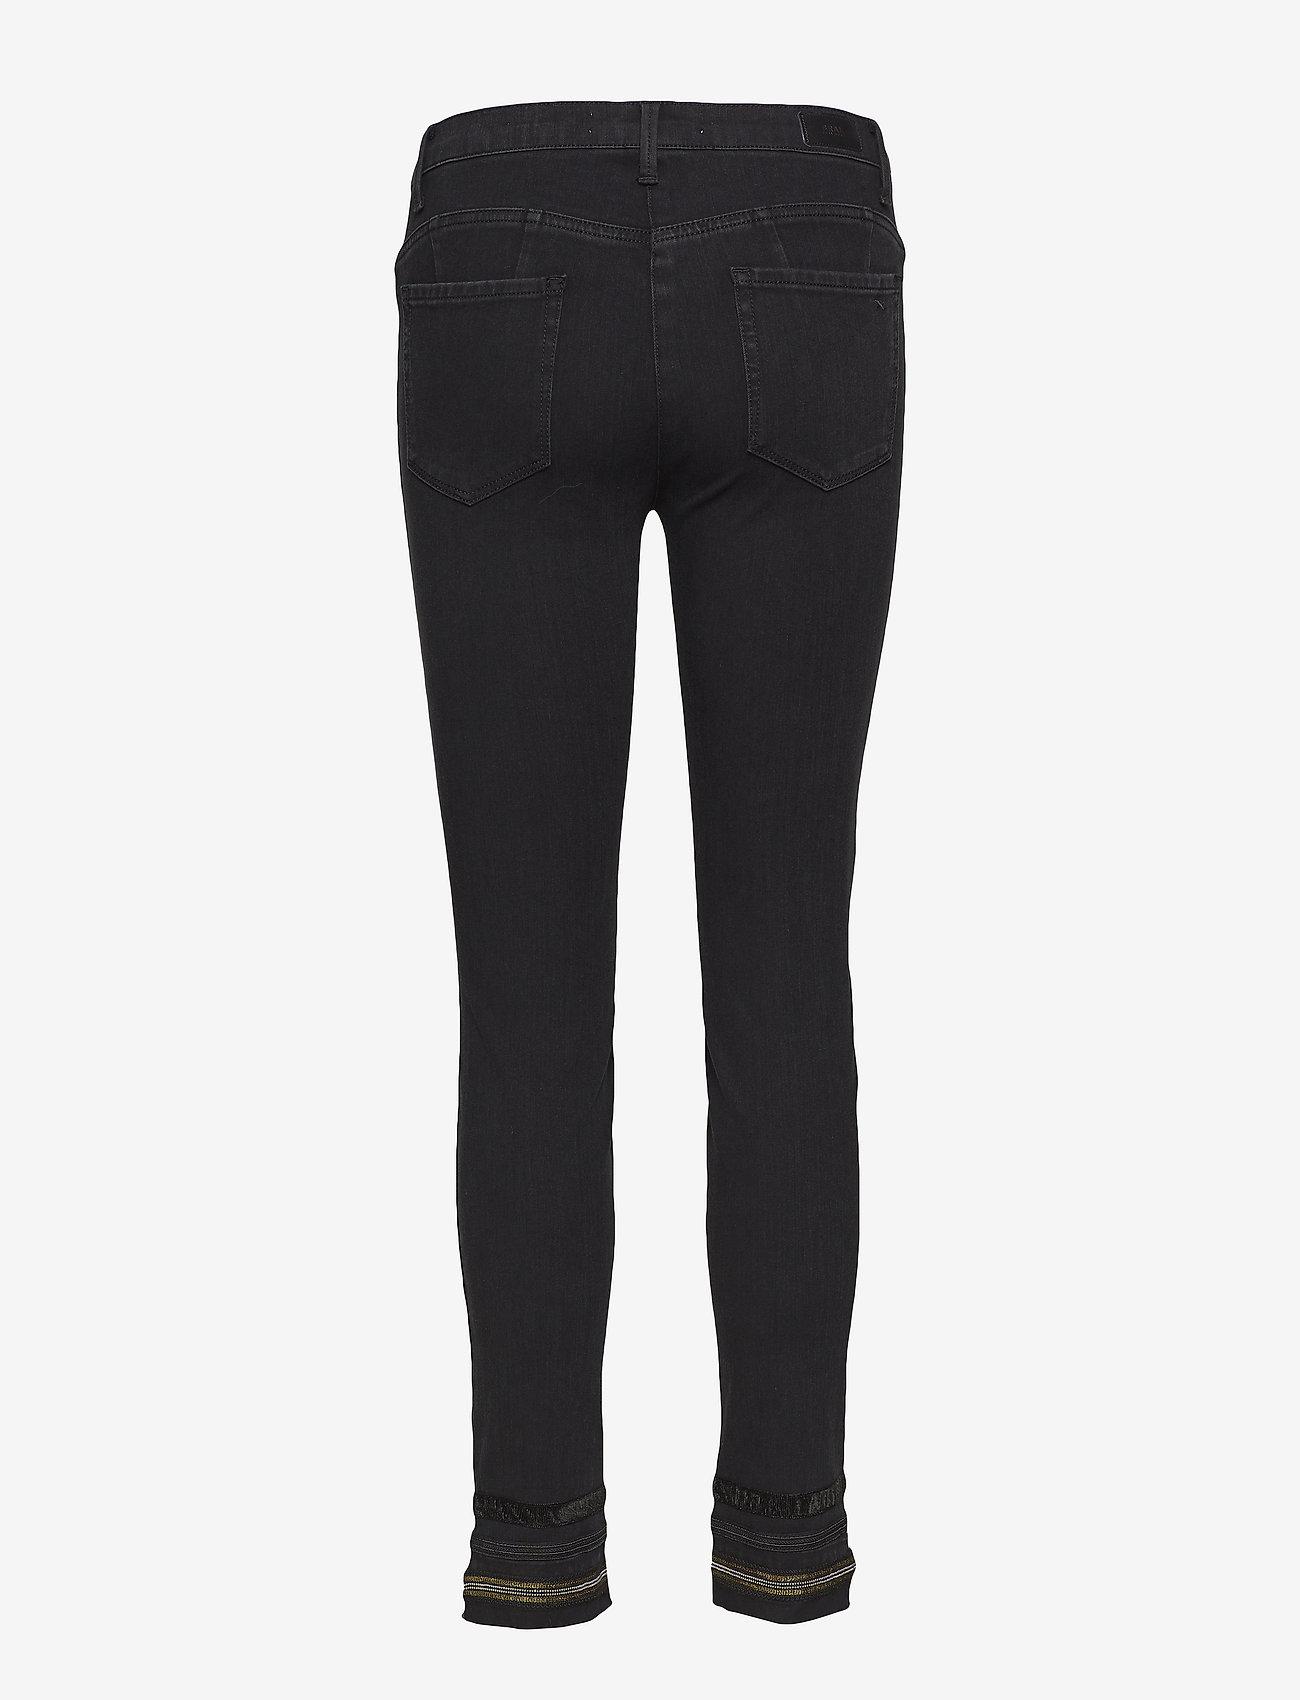 BRAX - SPICE S - skinny jeans - clean black black